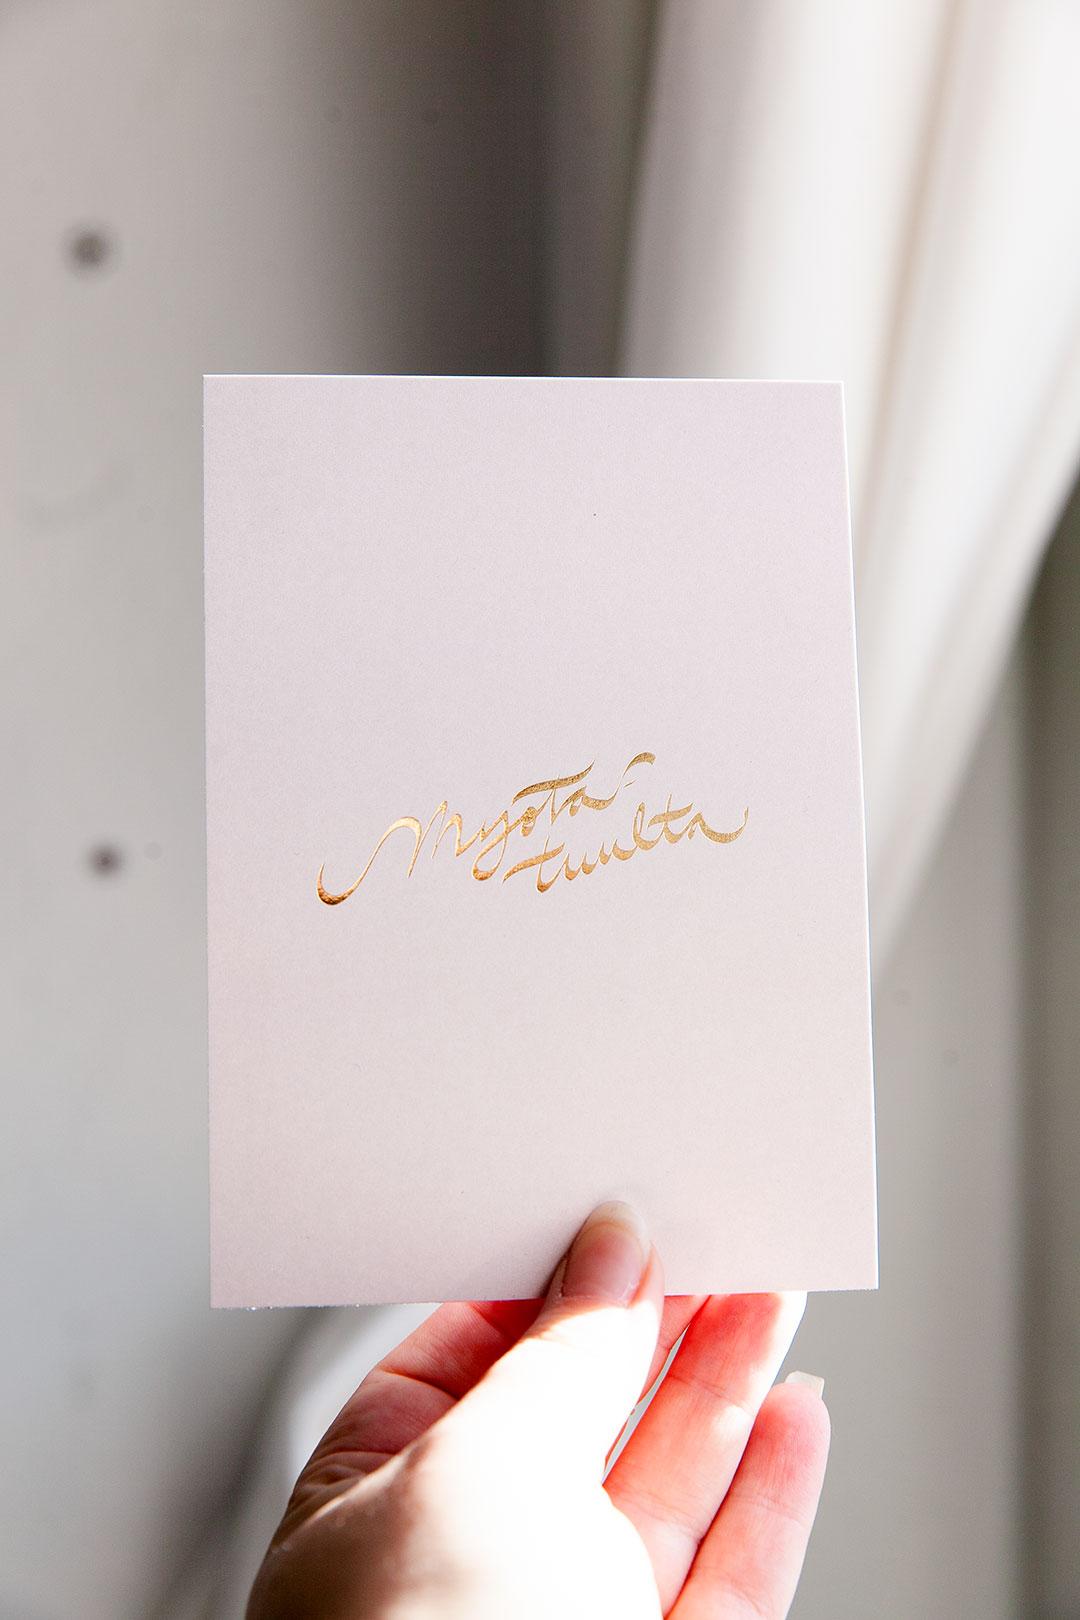 Postikortti | Myötätuulta 1